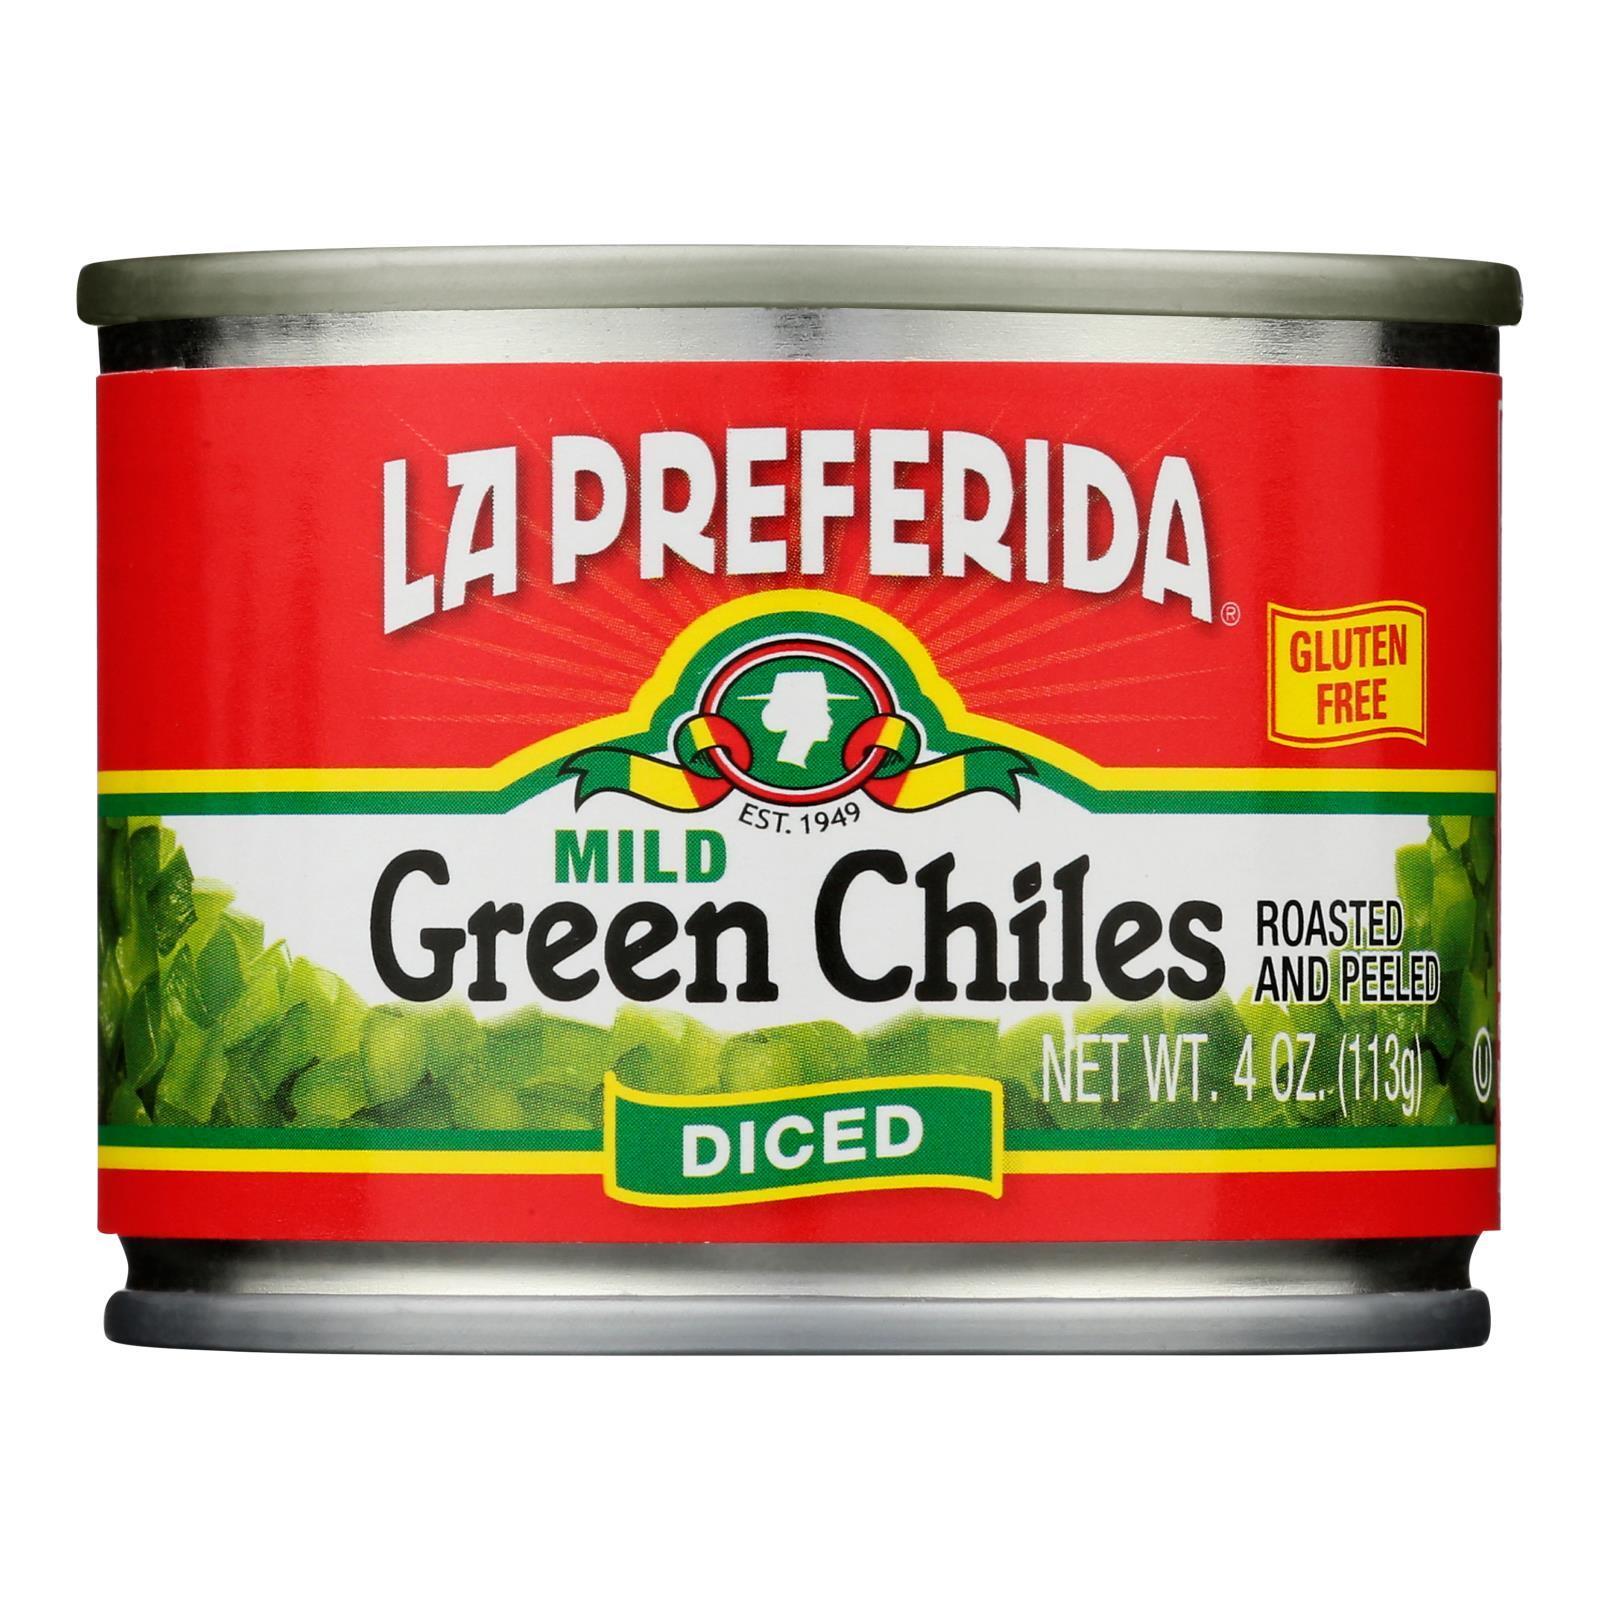 La Preferida Green Chiles - Diced - Case of 24 - 4 oz.